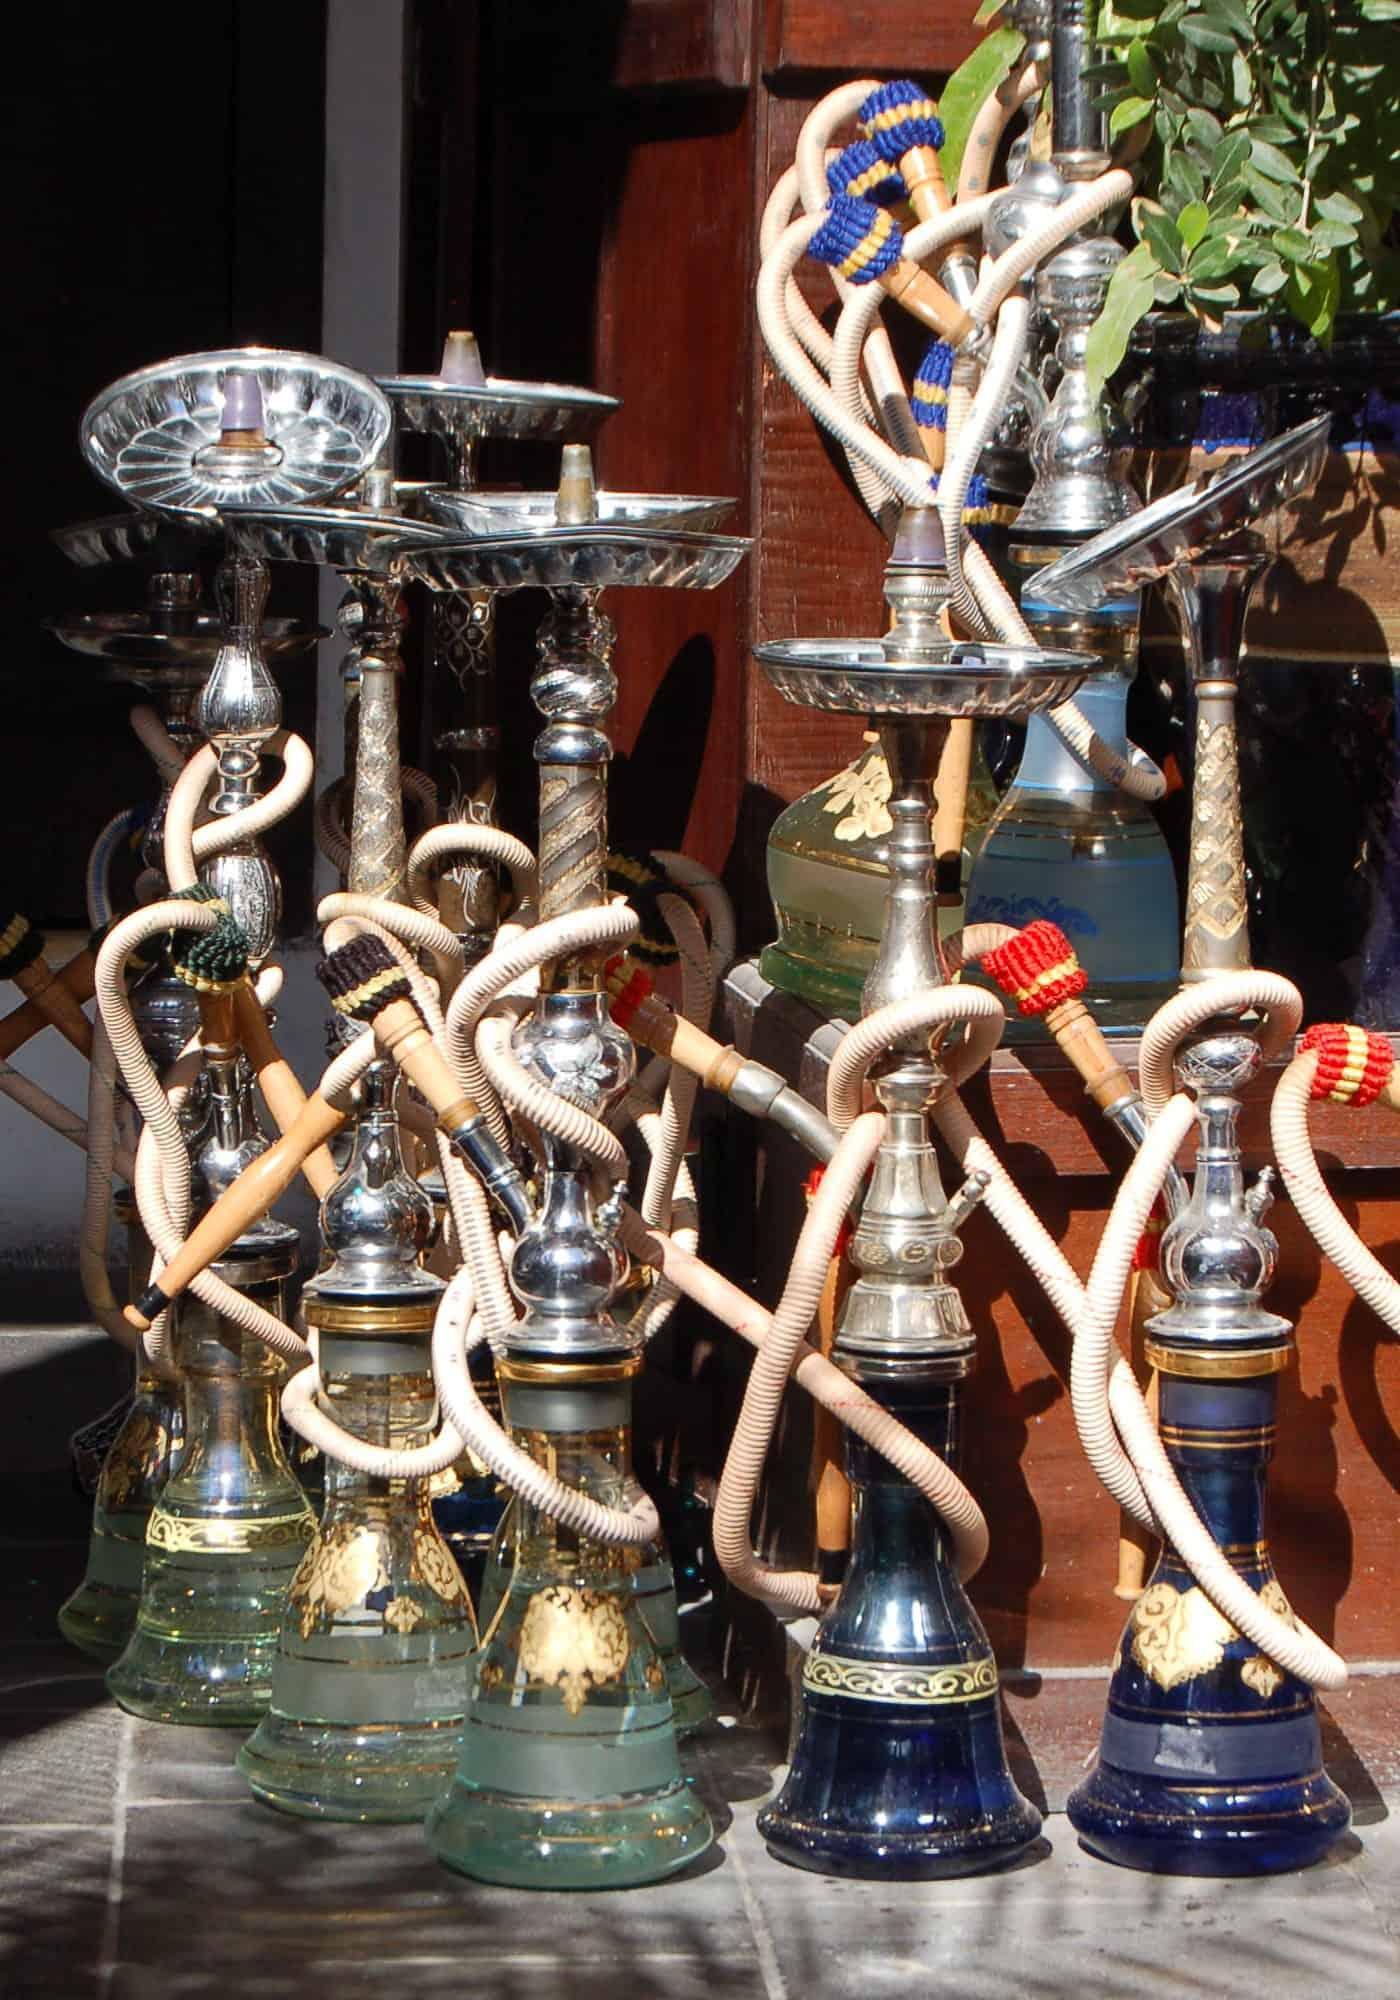 einige Shishas stehen nebeneinander auf einem Tisch